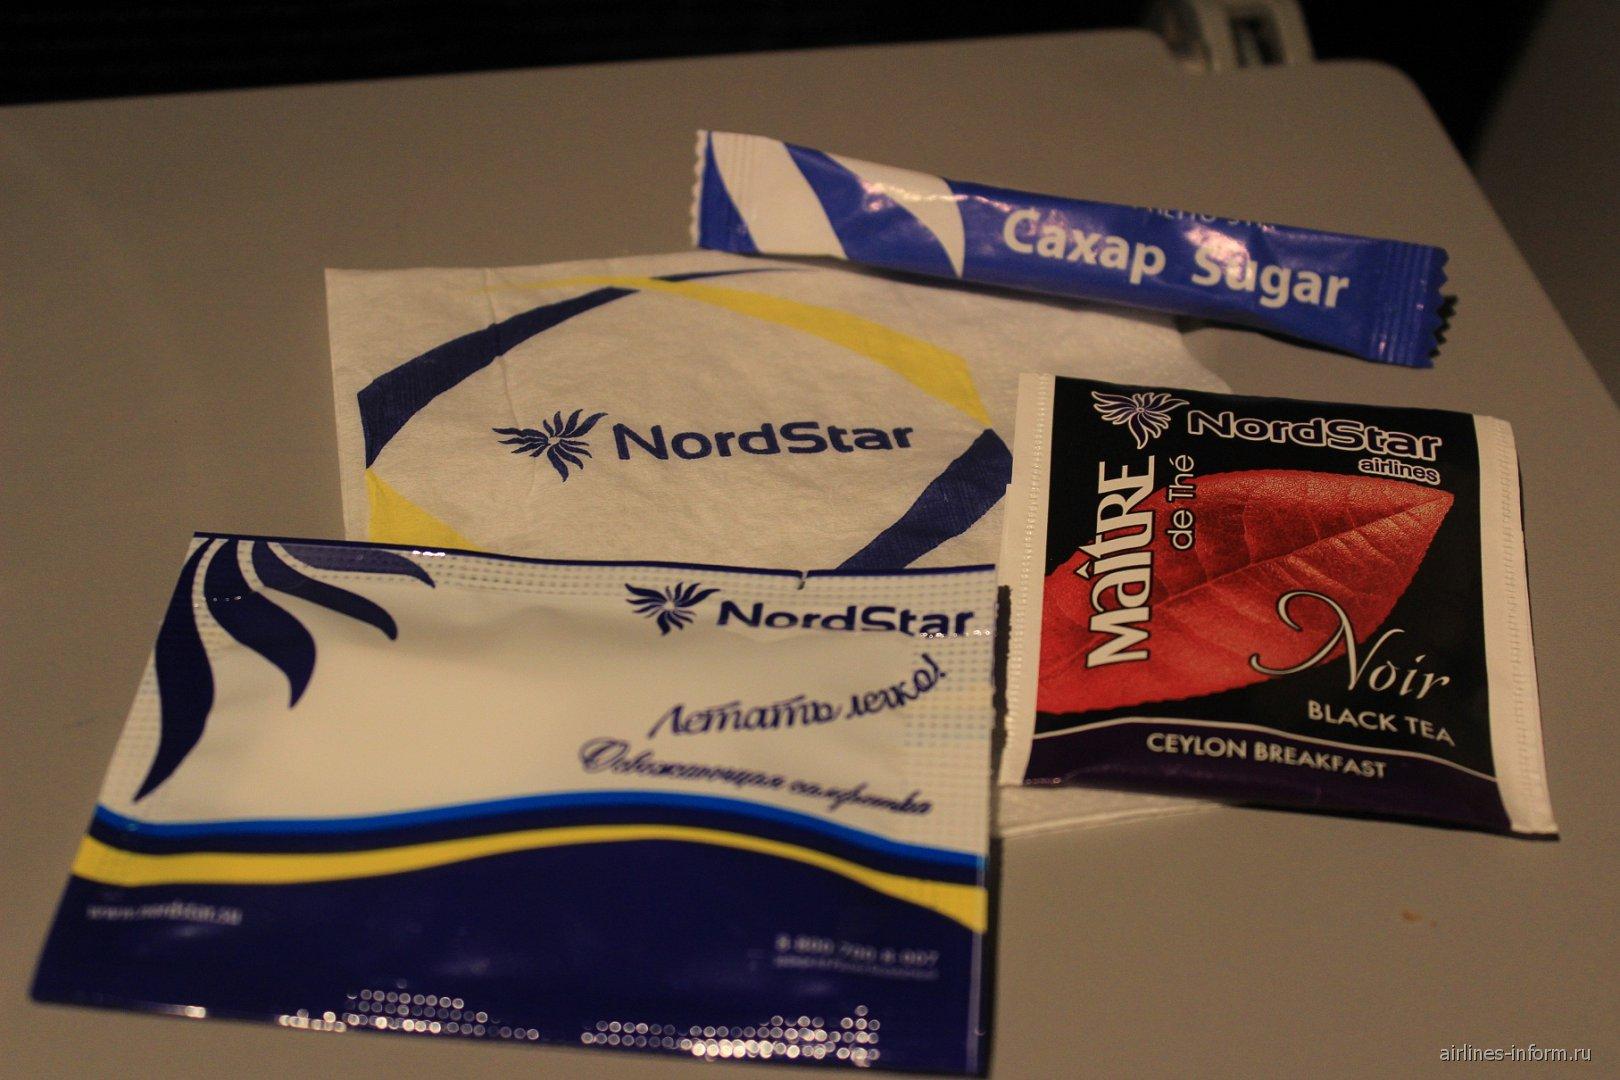 Питание на рейсе Москва-Норильск авиакомпании Нордстар